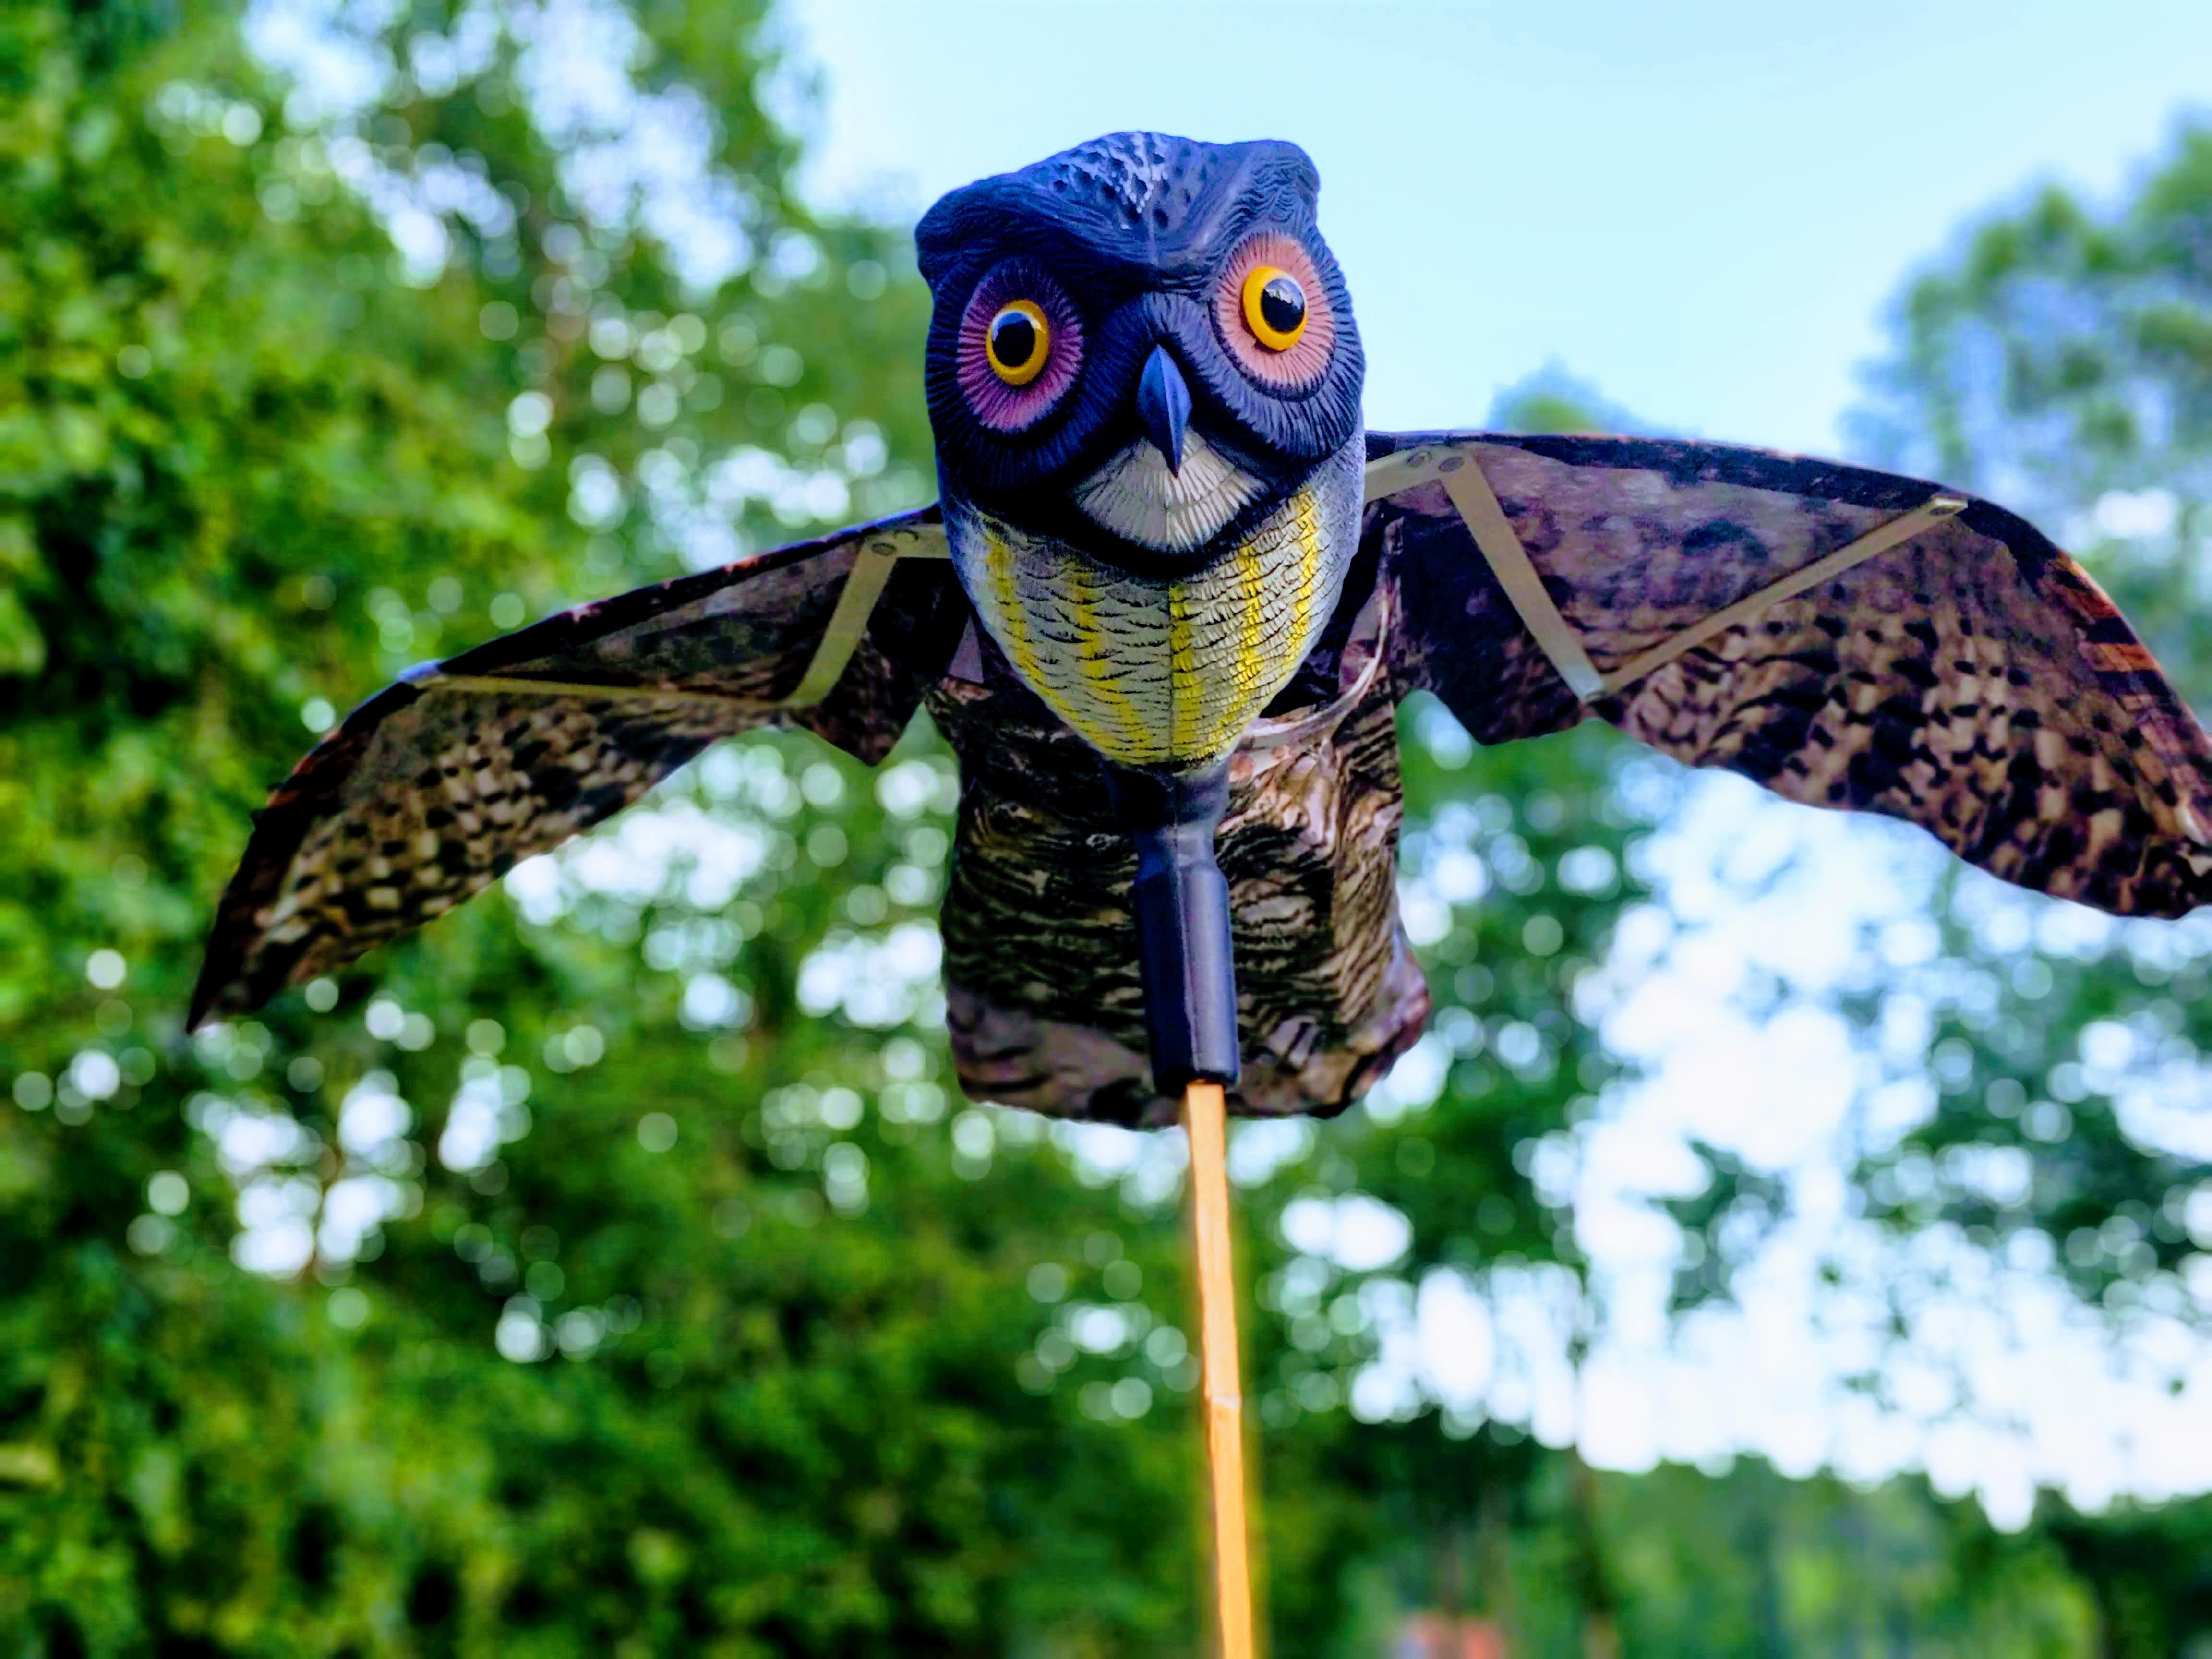 ... Owl Figure Bird Repellent For Garden